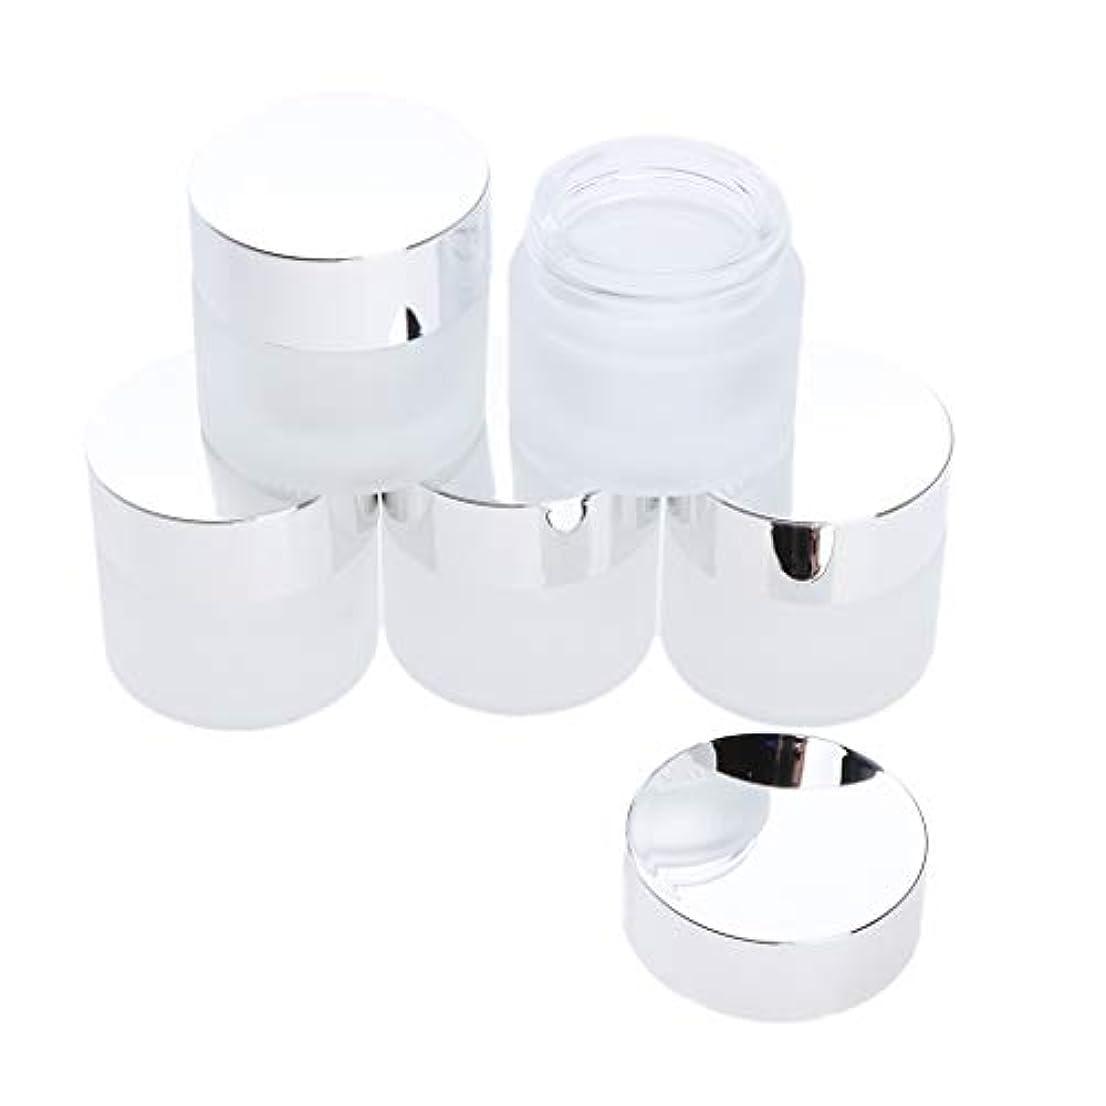 感情の七時半盲信5個 ガラス製 空き缶 フェイスクリーム ボトル 化粧品容器 小分け容器 詰め替え 全2サイズ - 10g